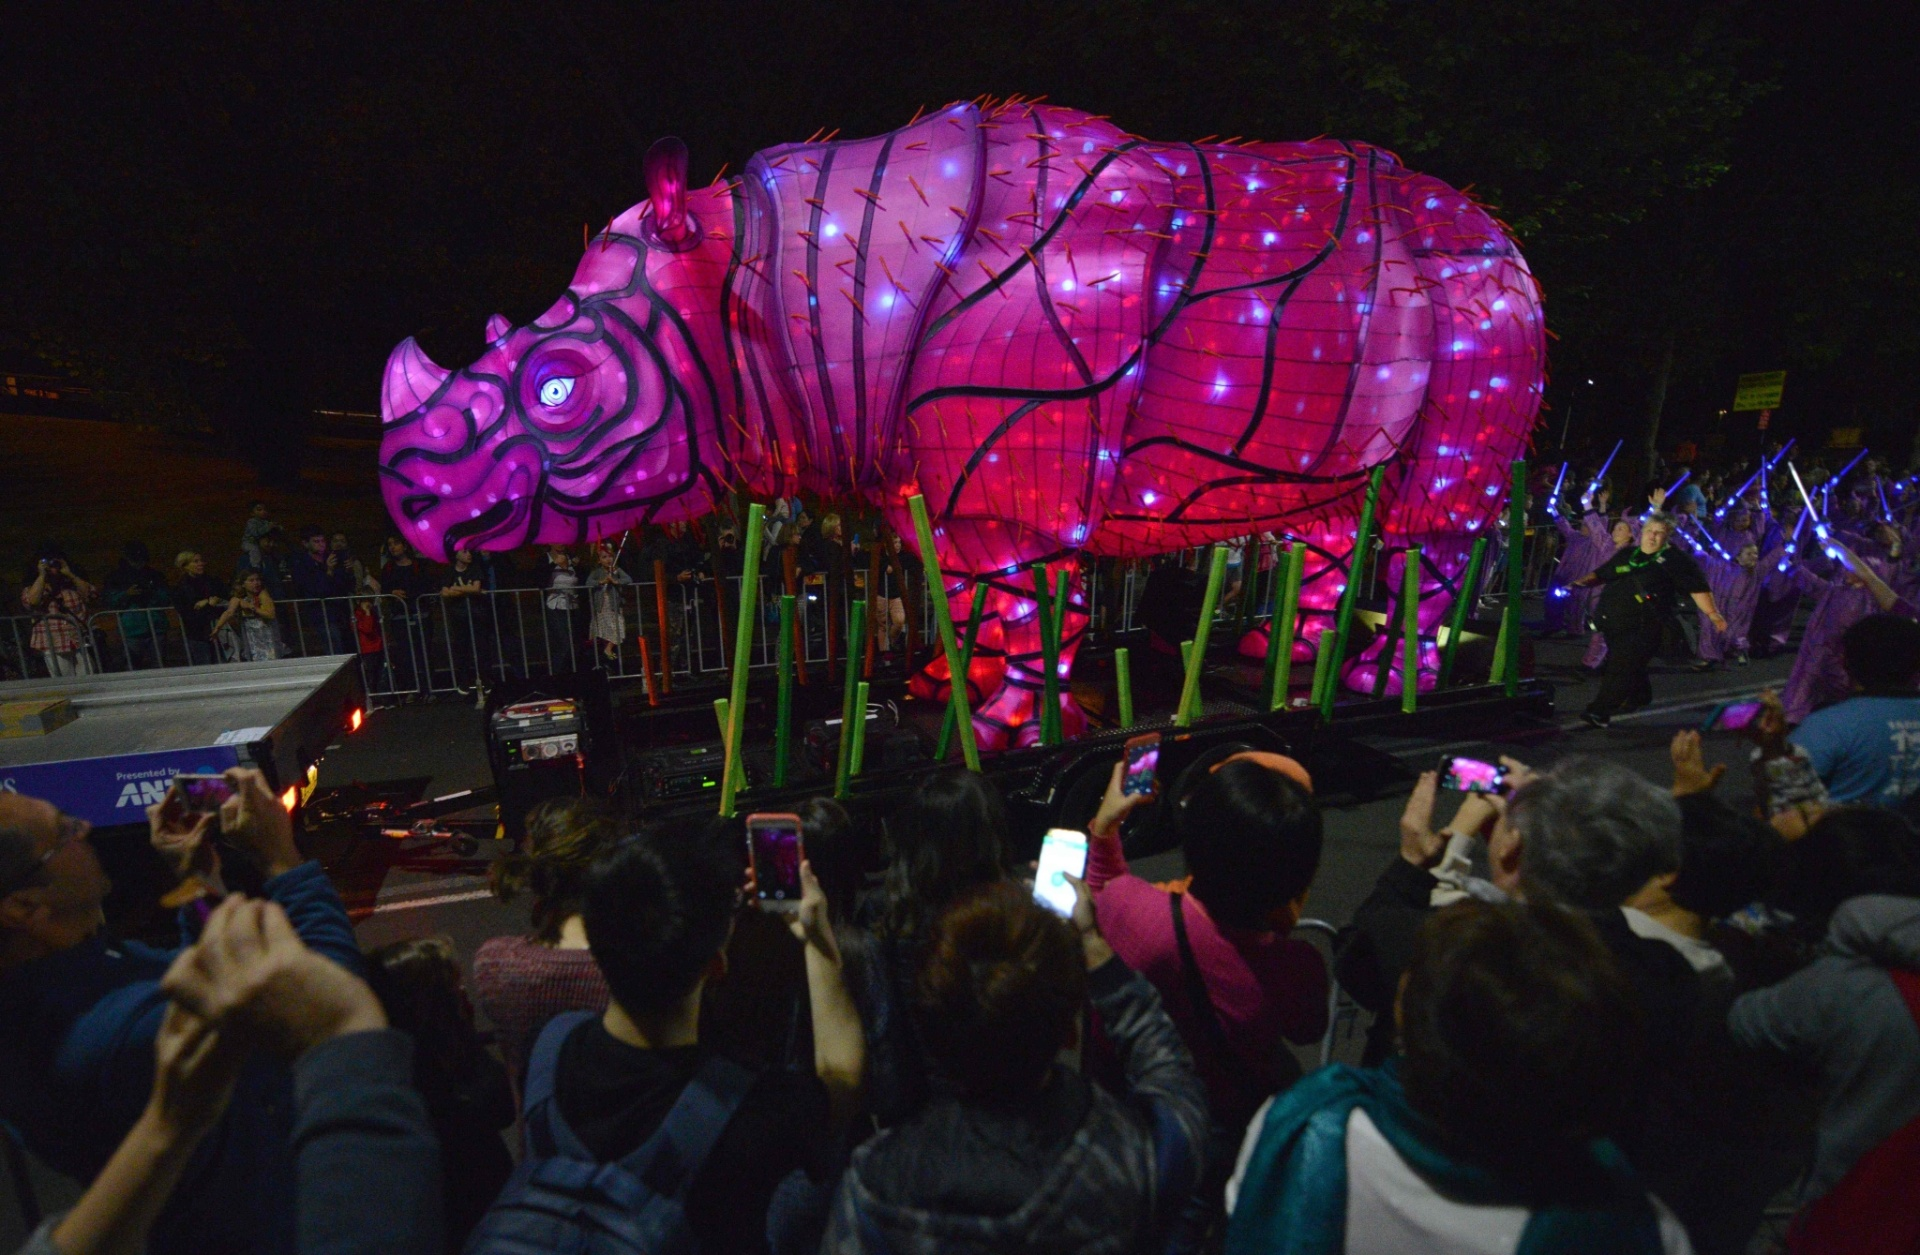 15.out.2016 - A escultura gigante de um rinoceronte-de-sumatra também participou da festa de aniversário de 100 anos do zoológico Taronga, em Sydney, na Austrália